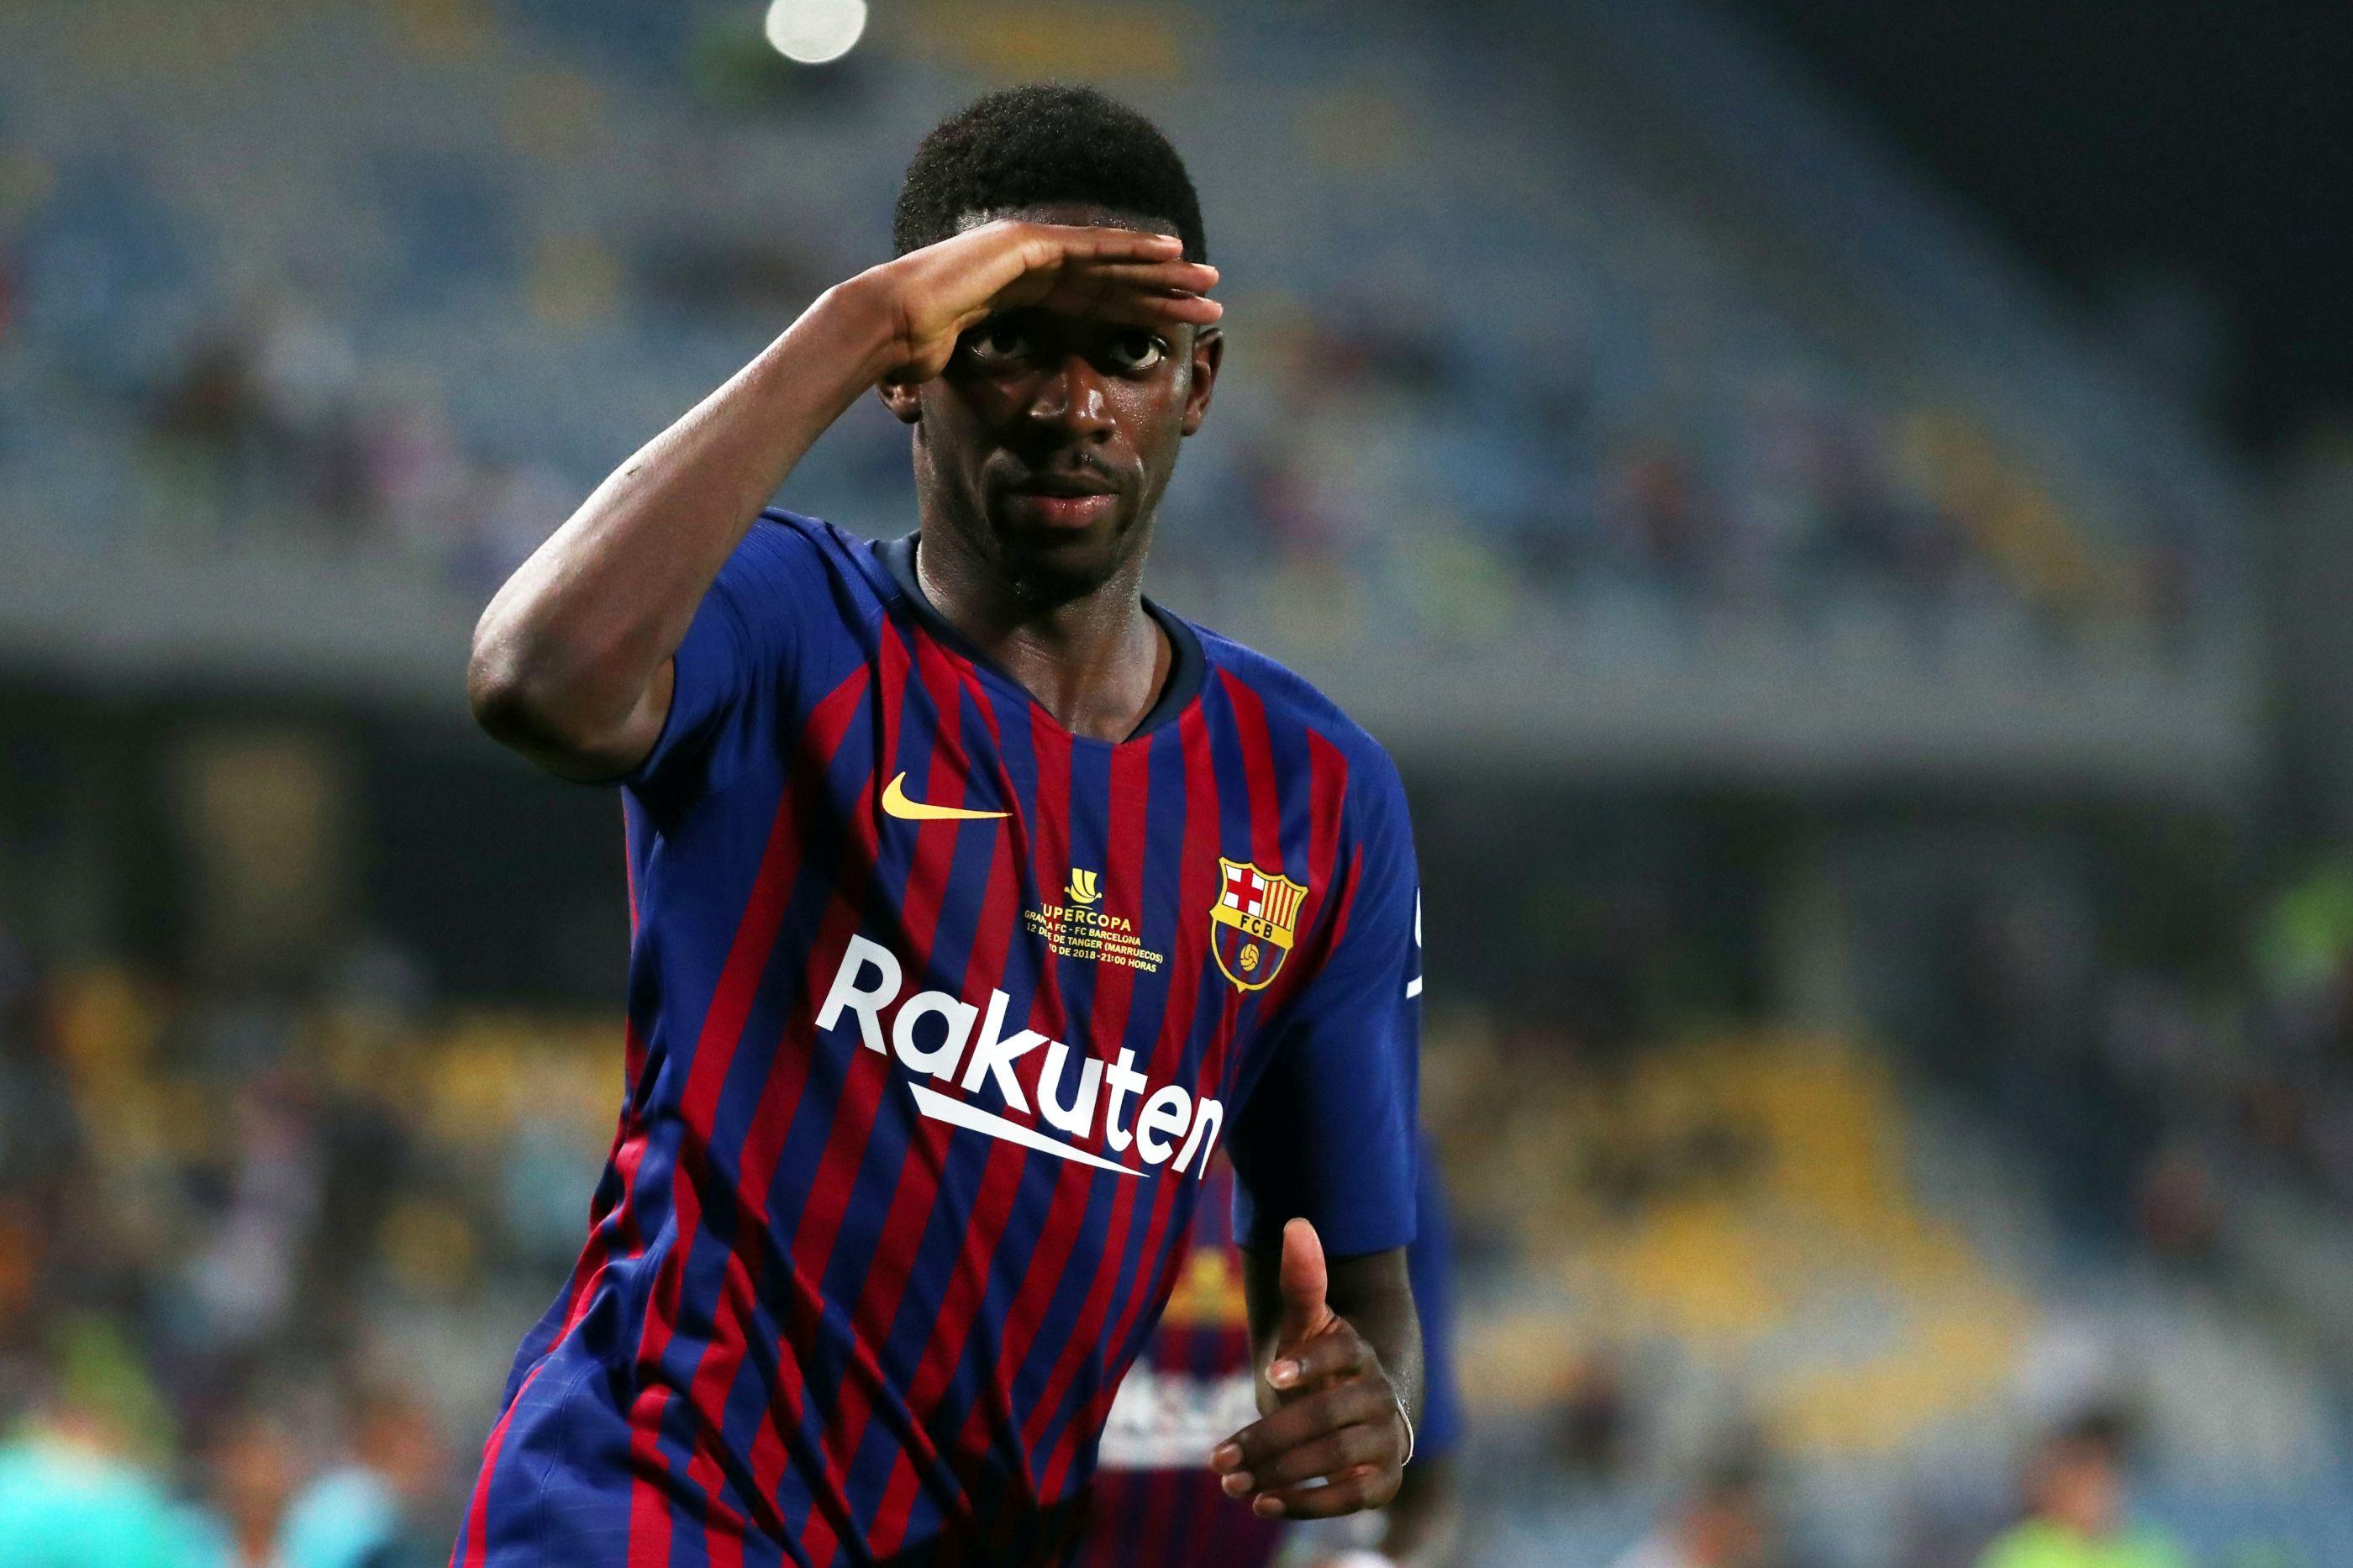 """Dembélé 'dispara' no Twitter: """"Tu não sabes de nada"""""""